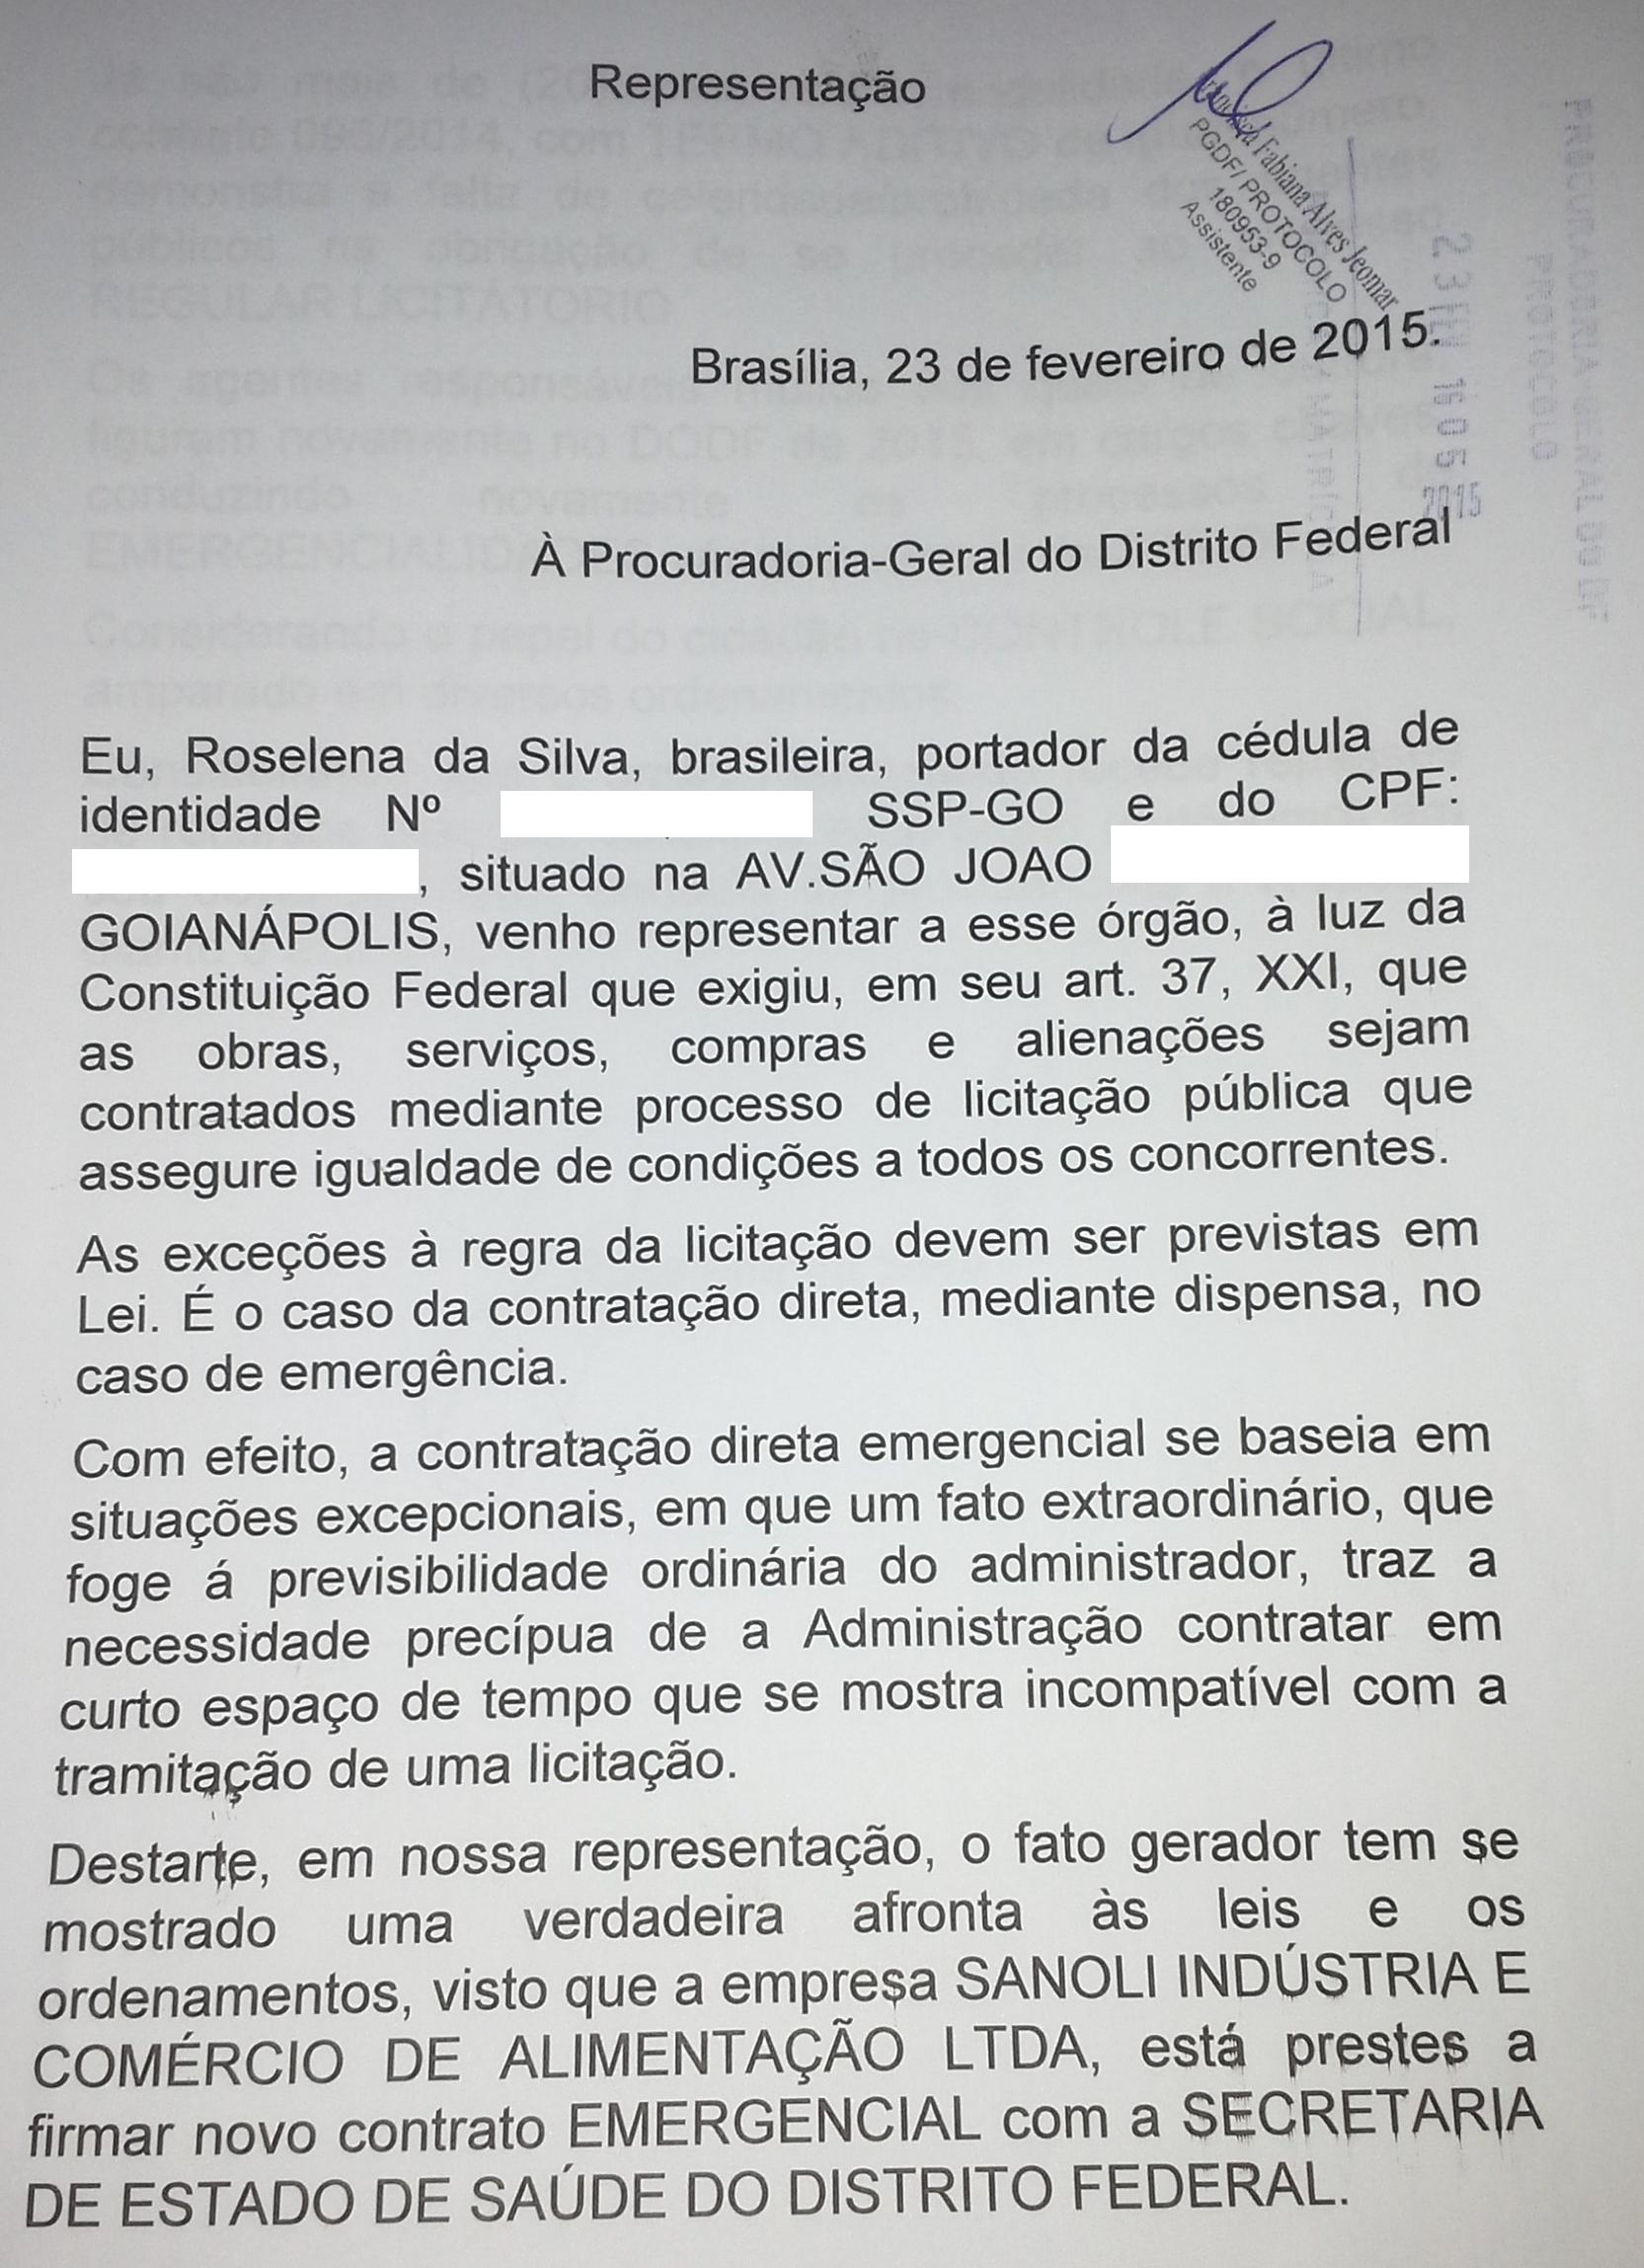 Parte do documento enviado ao site.